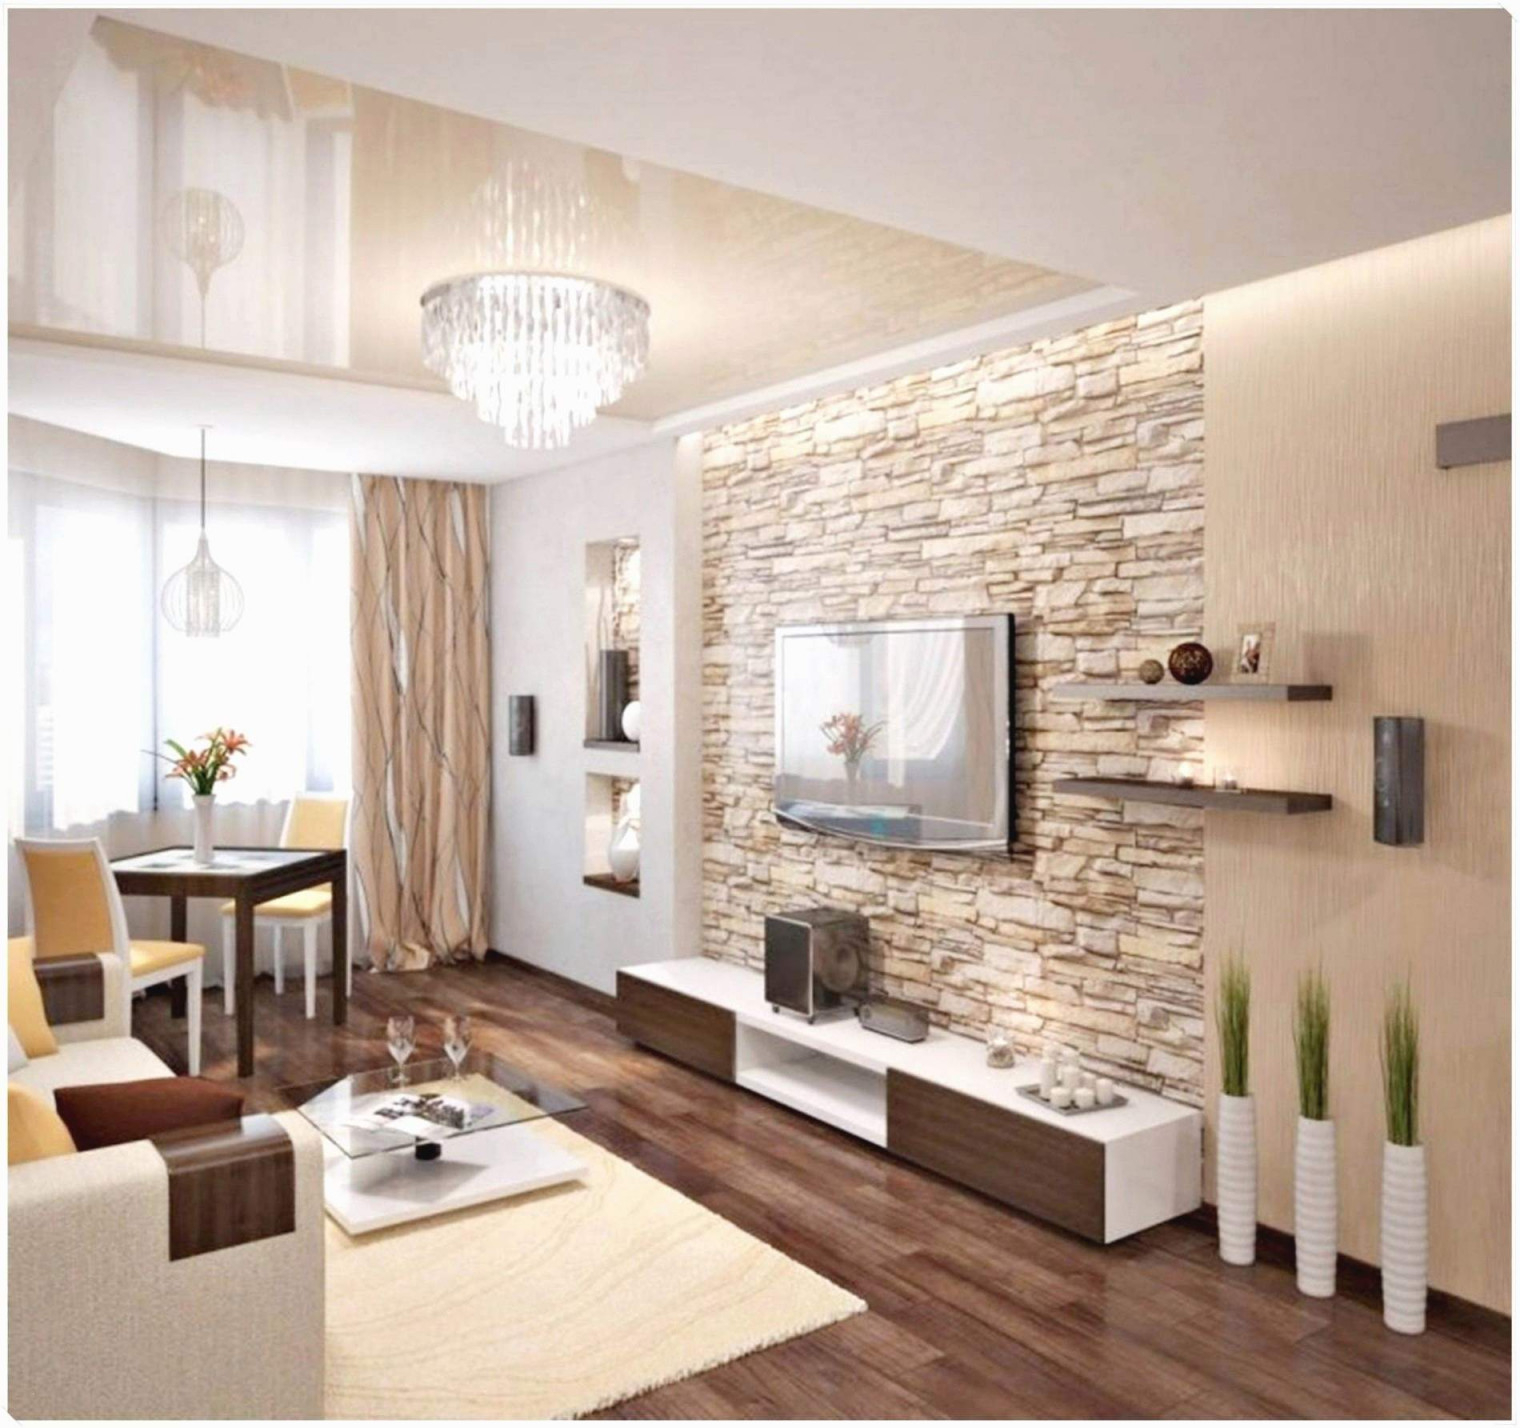 Wände Gestalten Wohnzimmer Genial Coole Teppiche Wohnzimmer von Wände Im Wohnzimmer Gestalten Photo